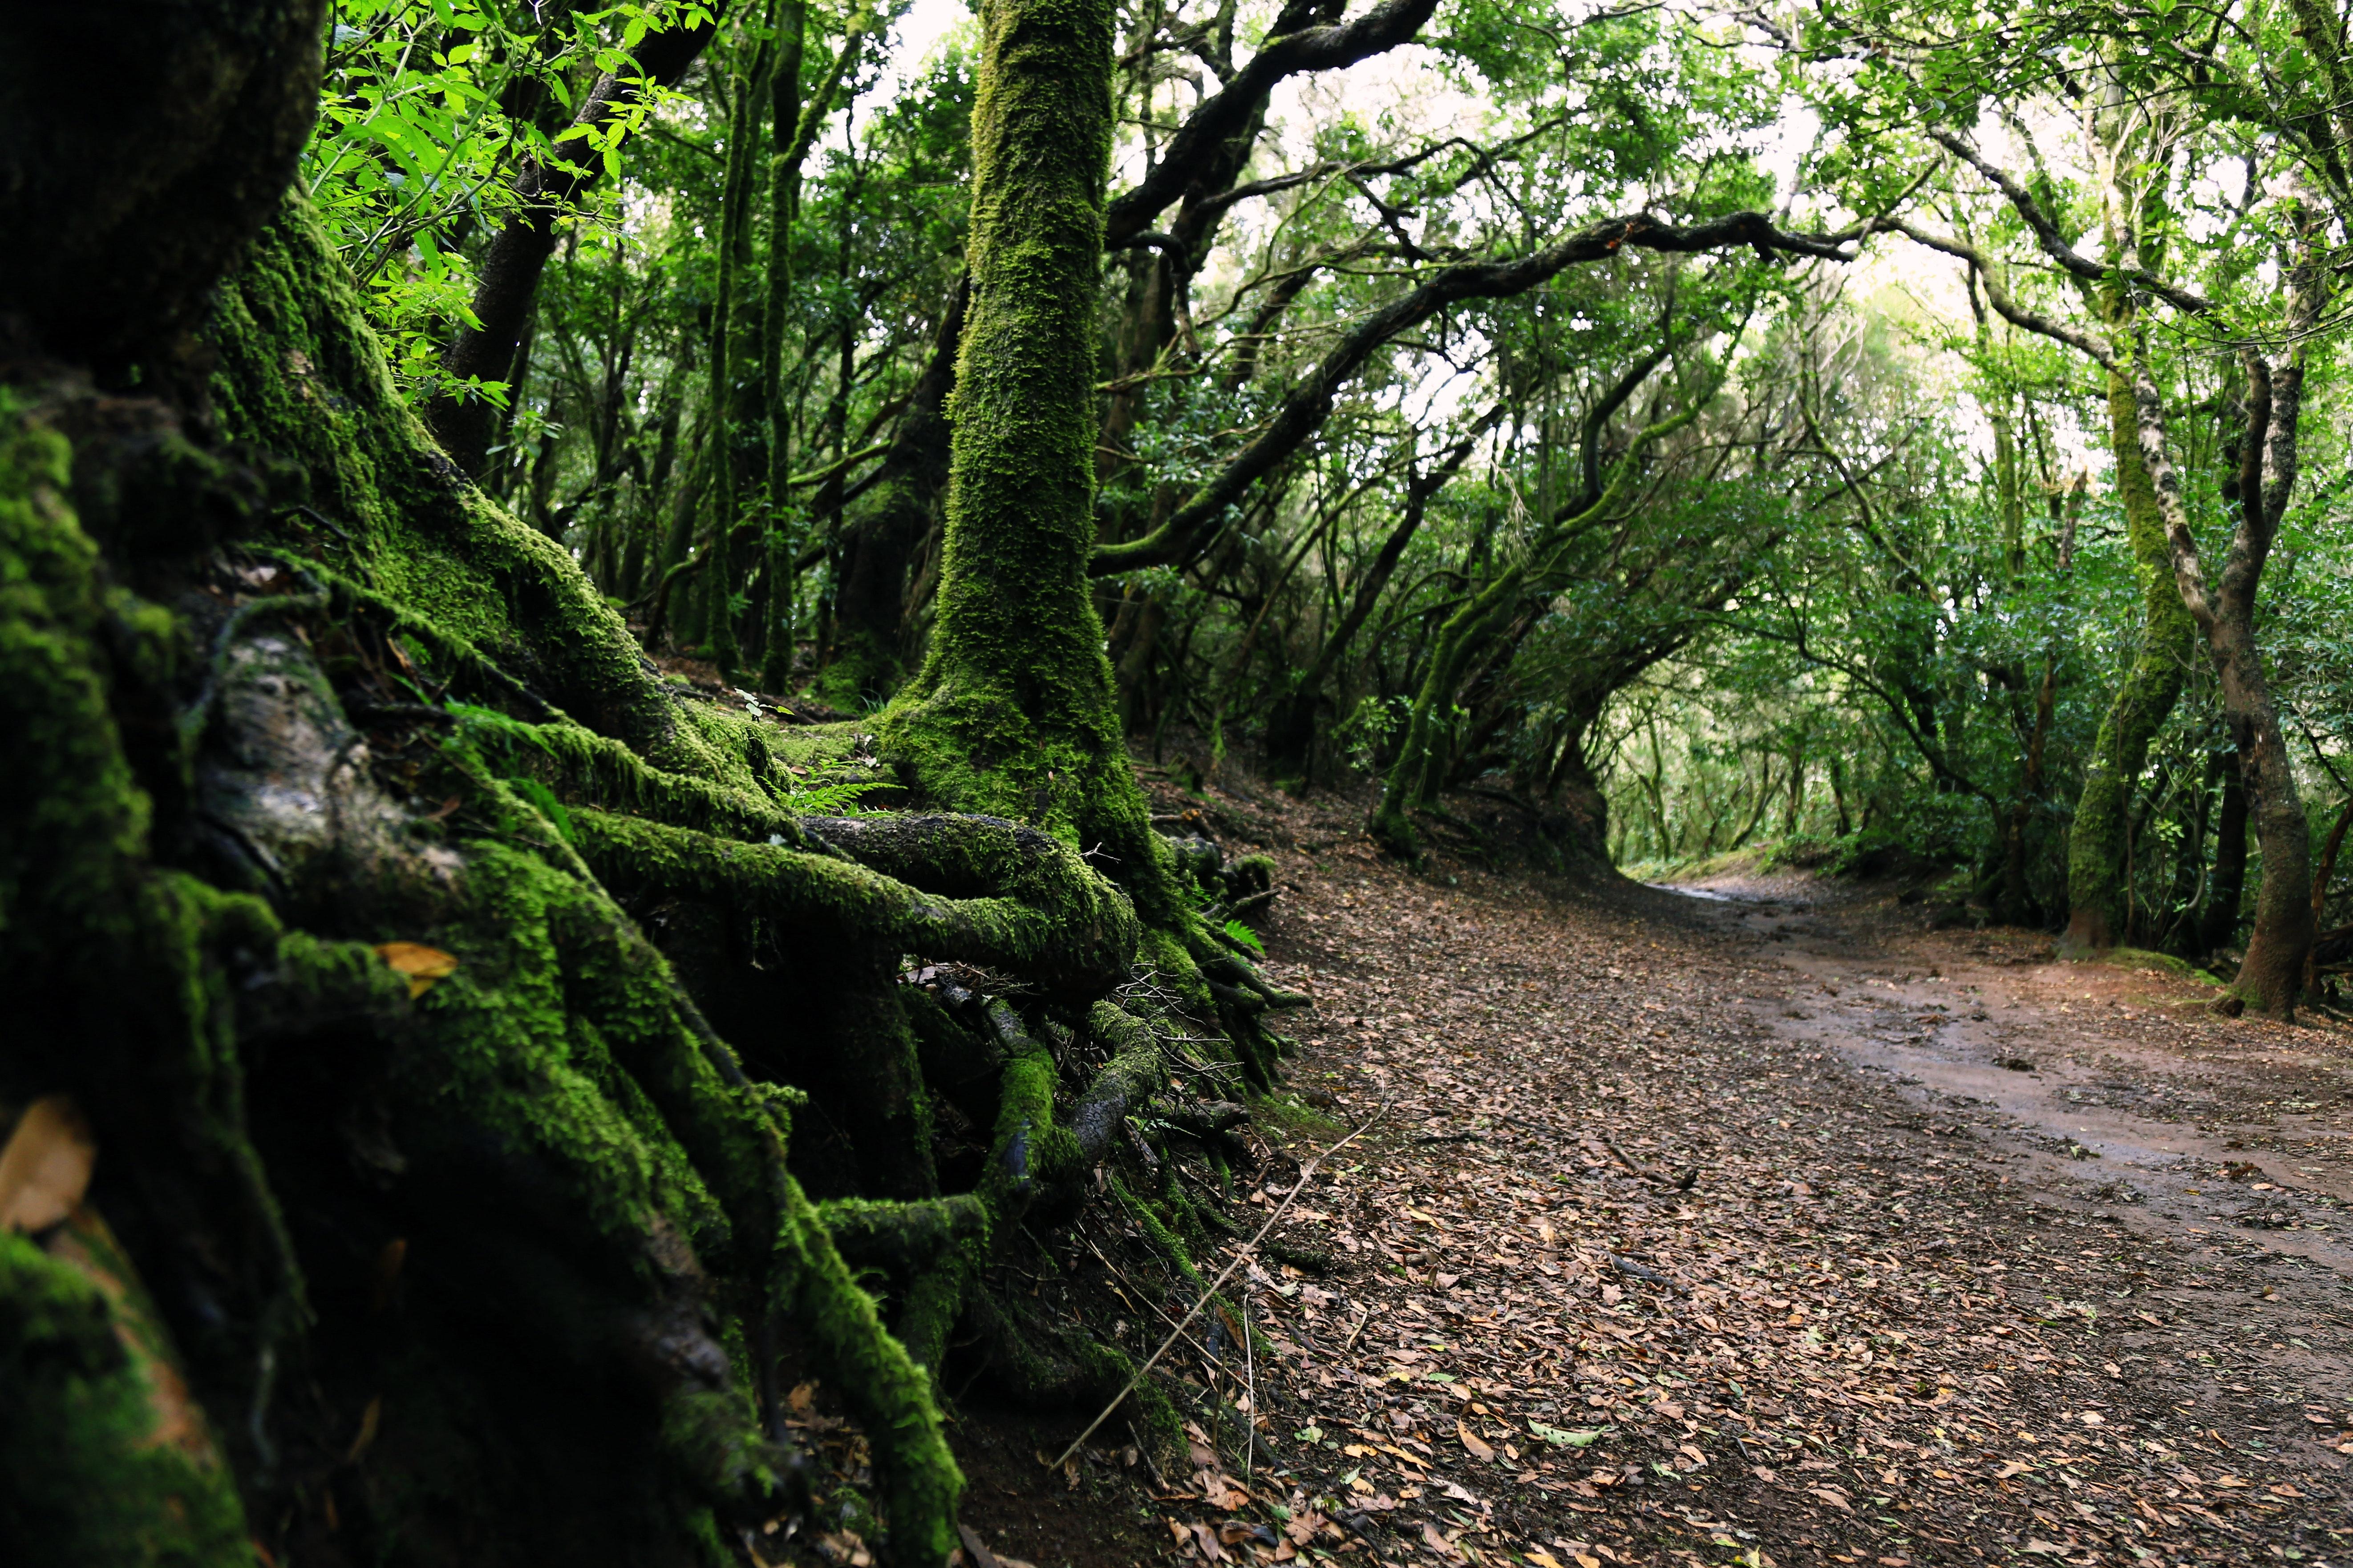 Green Tree Near Green Plants 183 Free Stock Photo